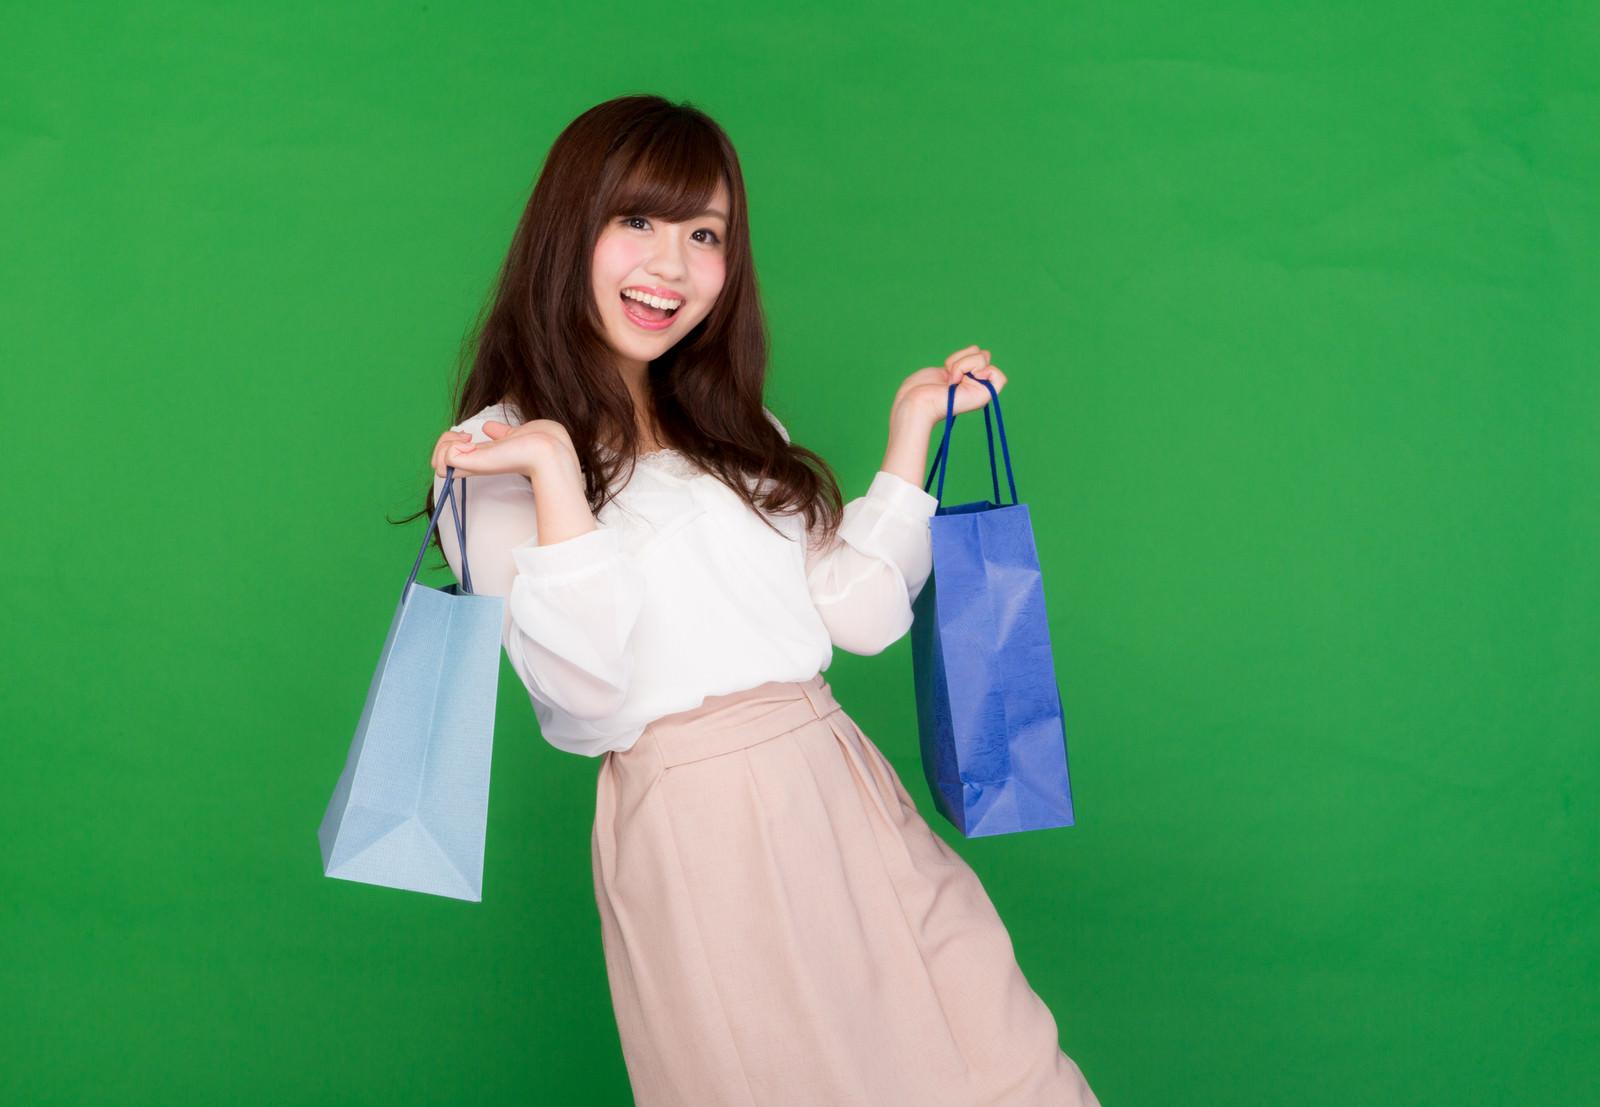 「買い物はストレス発散女子買い物はストレス発散女子」[モデル:河村友歌]のフリー写真素材を拡大